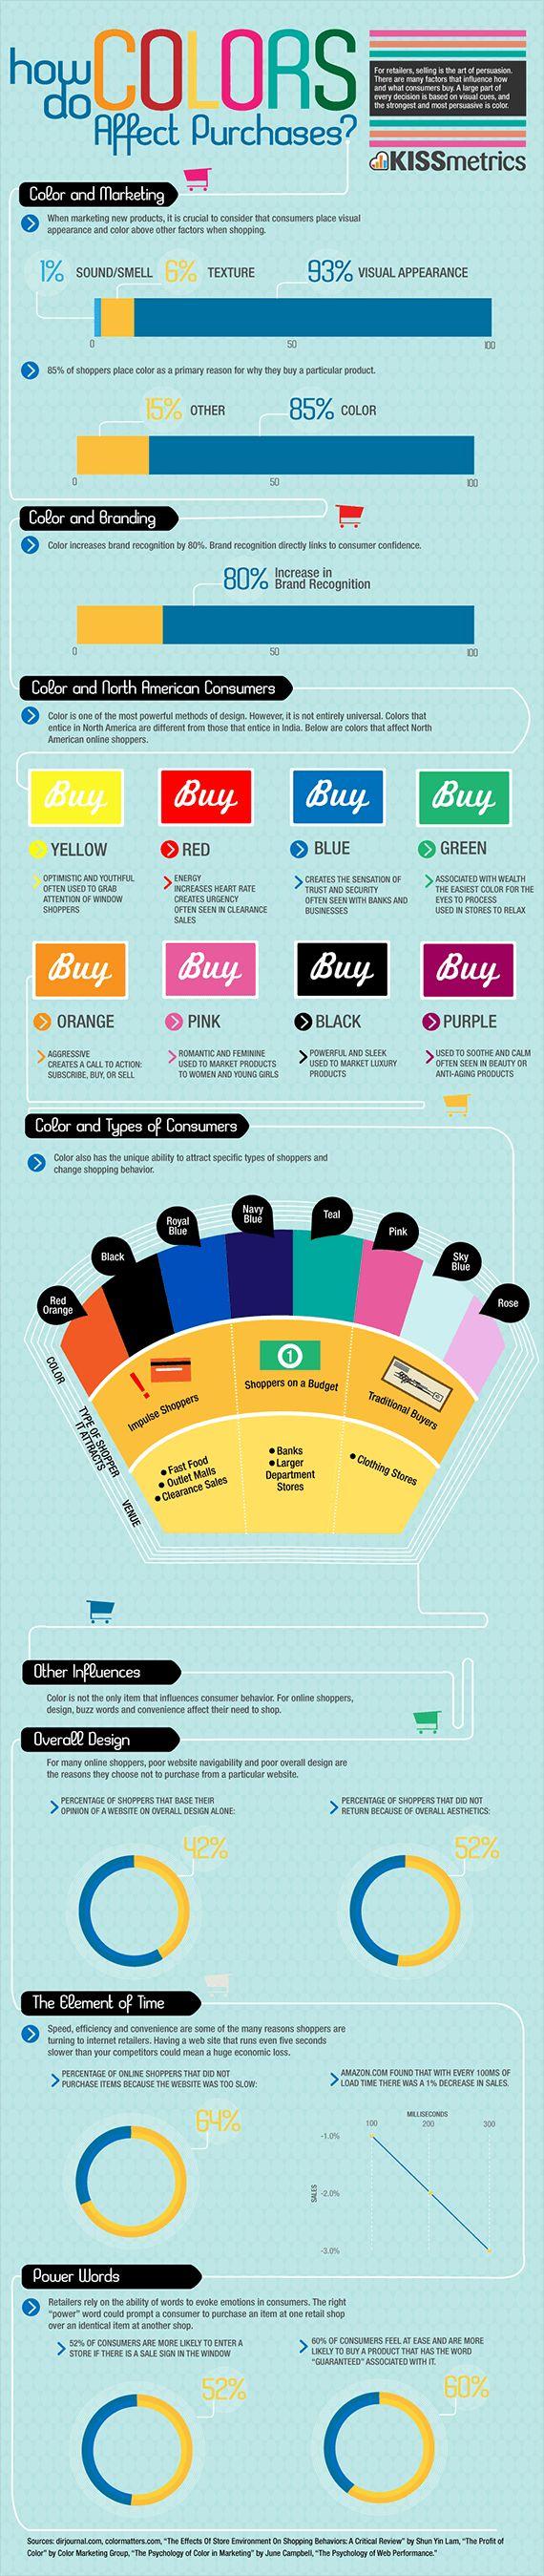 De invloed van kleur op klantgedrag - RetailWatching - RetailWatching